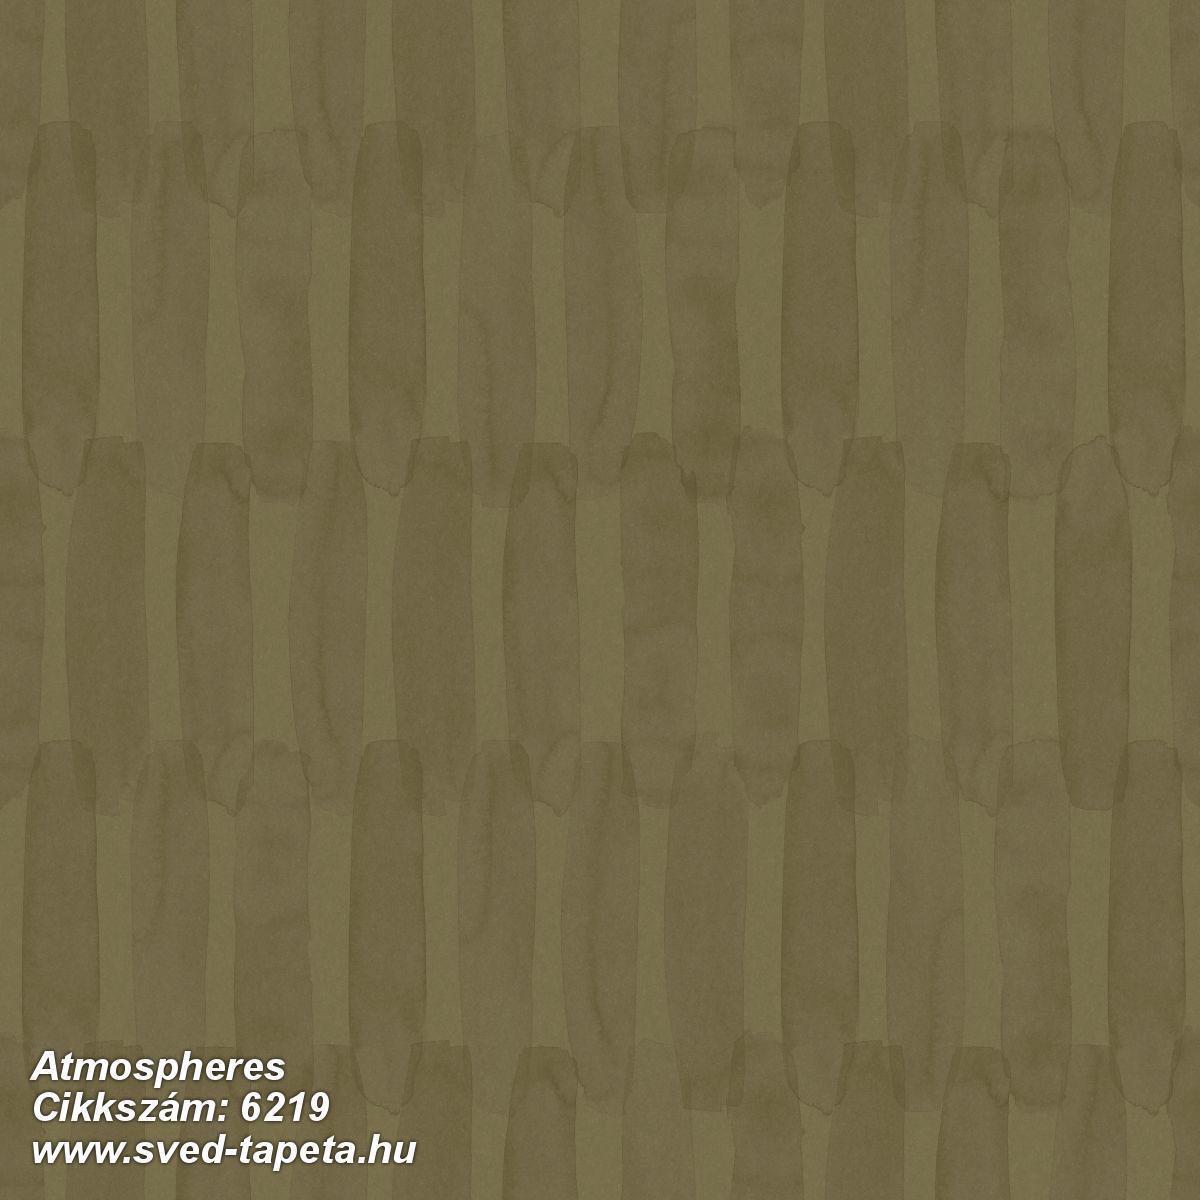 Atmospheres 6219 cikkszámú svéd ECOgyártmányú designtapéta